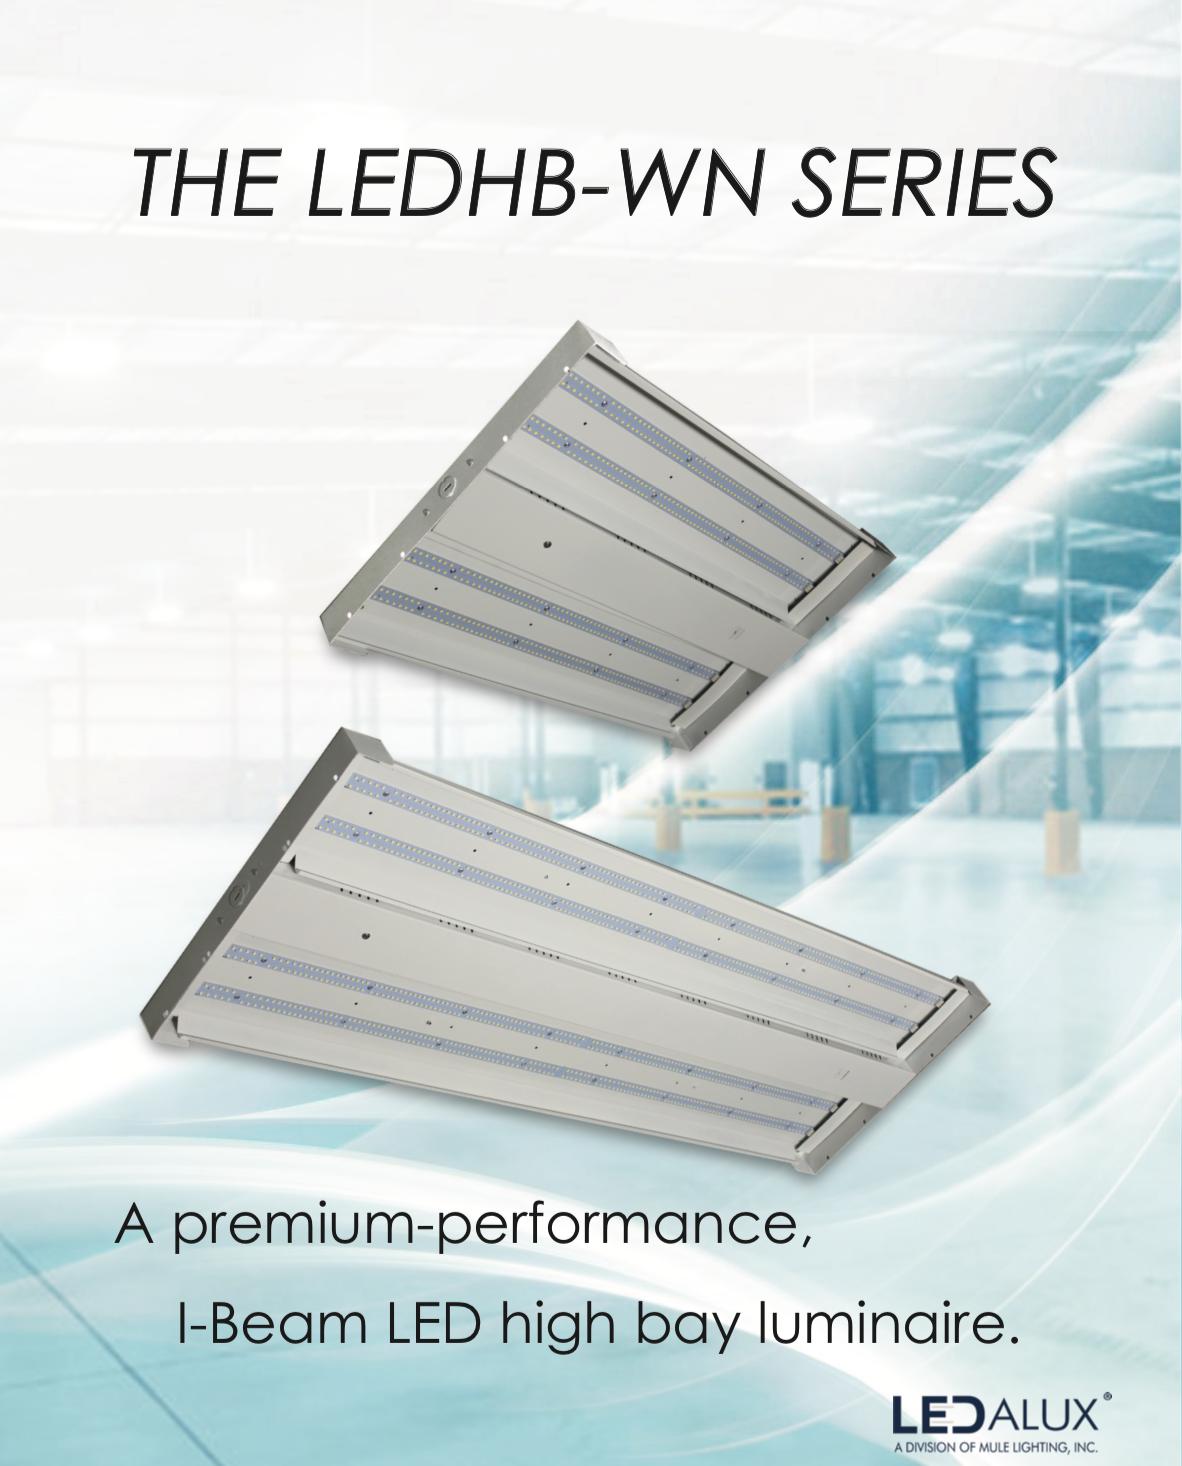 LEDalux LEDHB-WN Series Literature